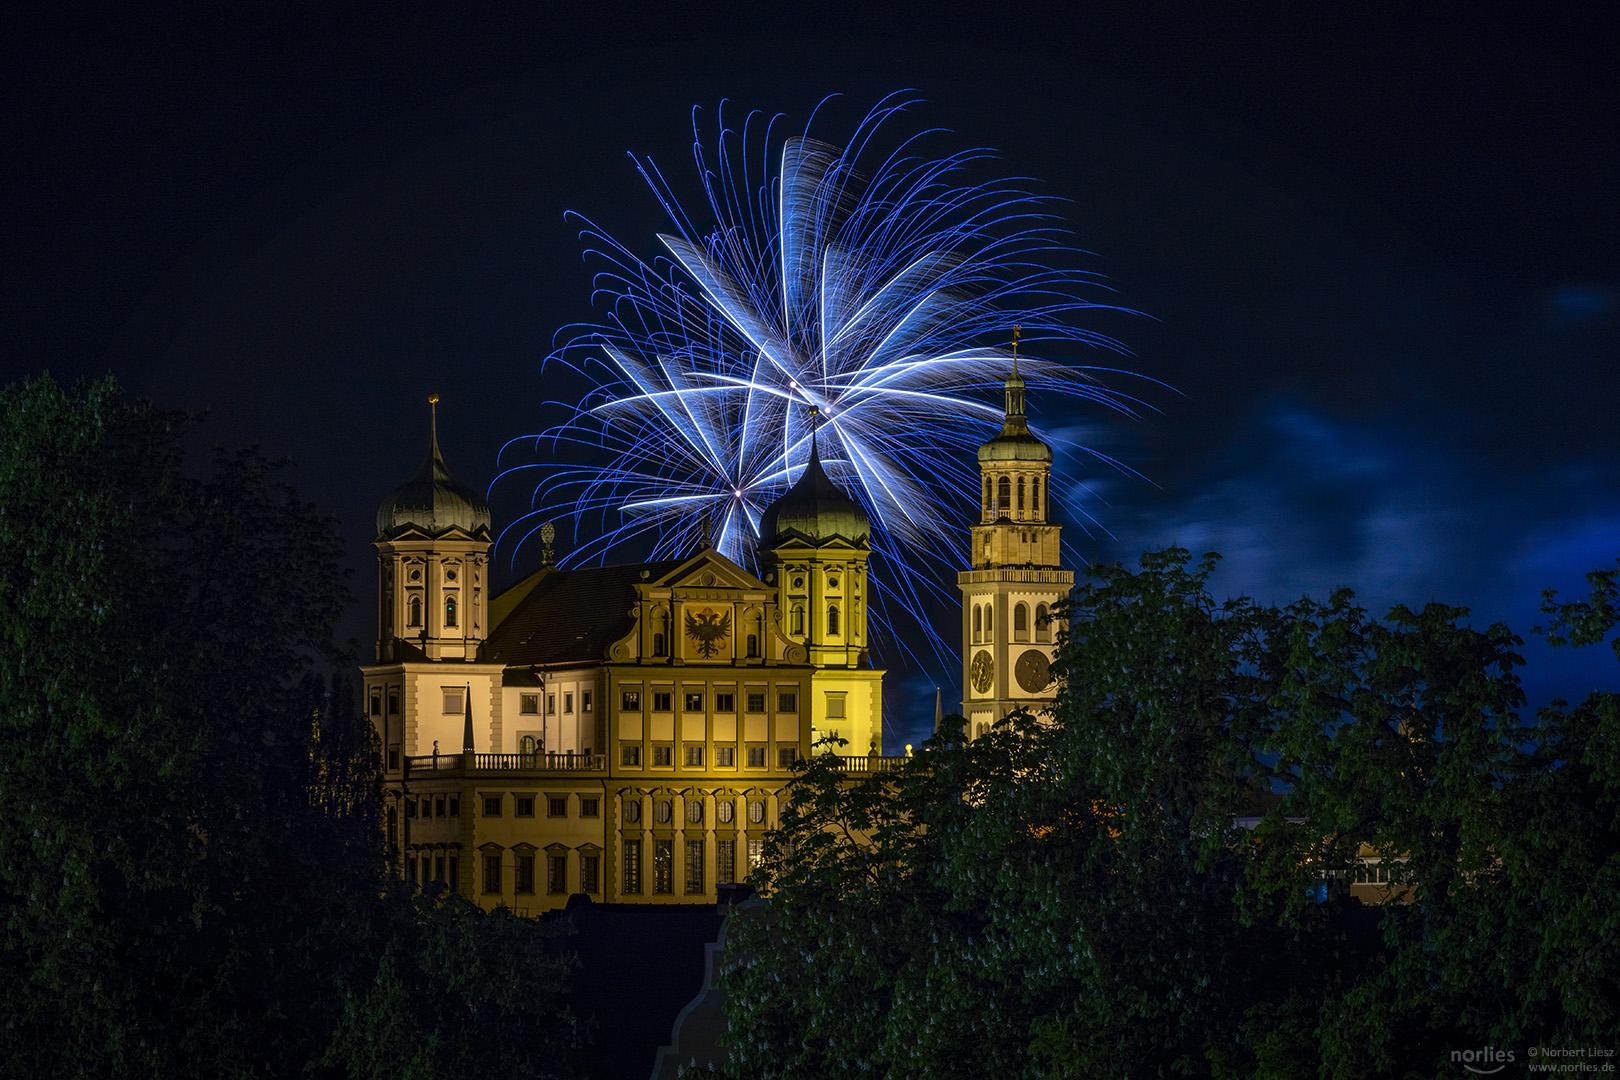 Feuerwerk über dem Rathaus